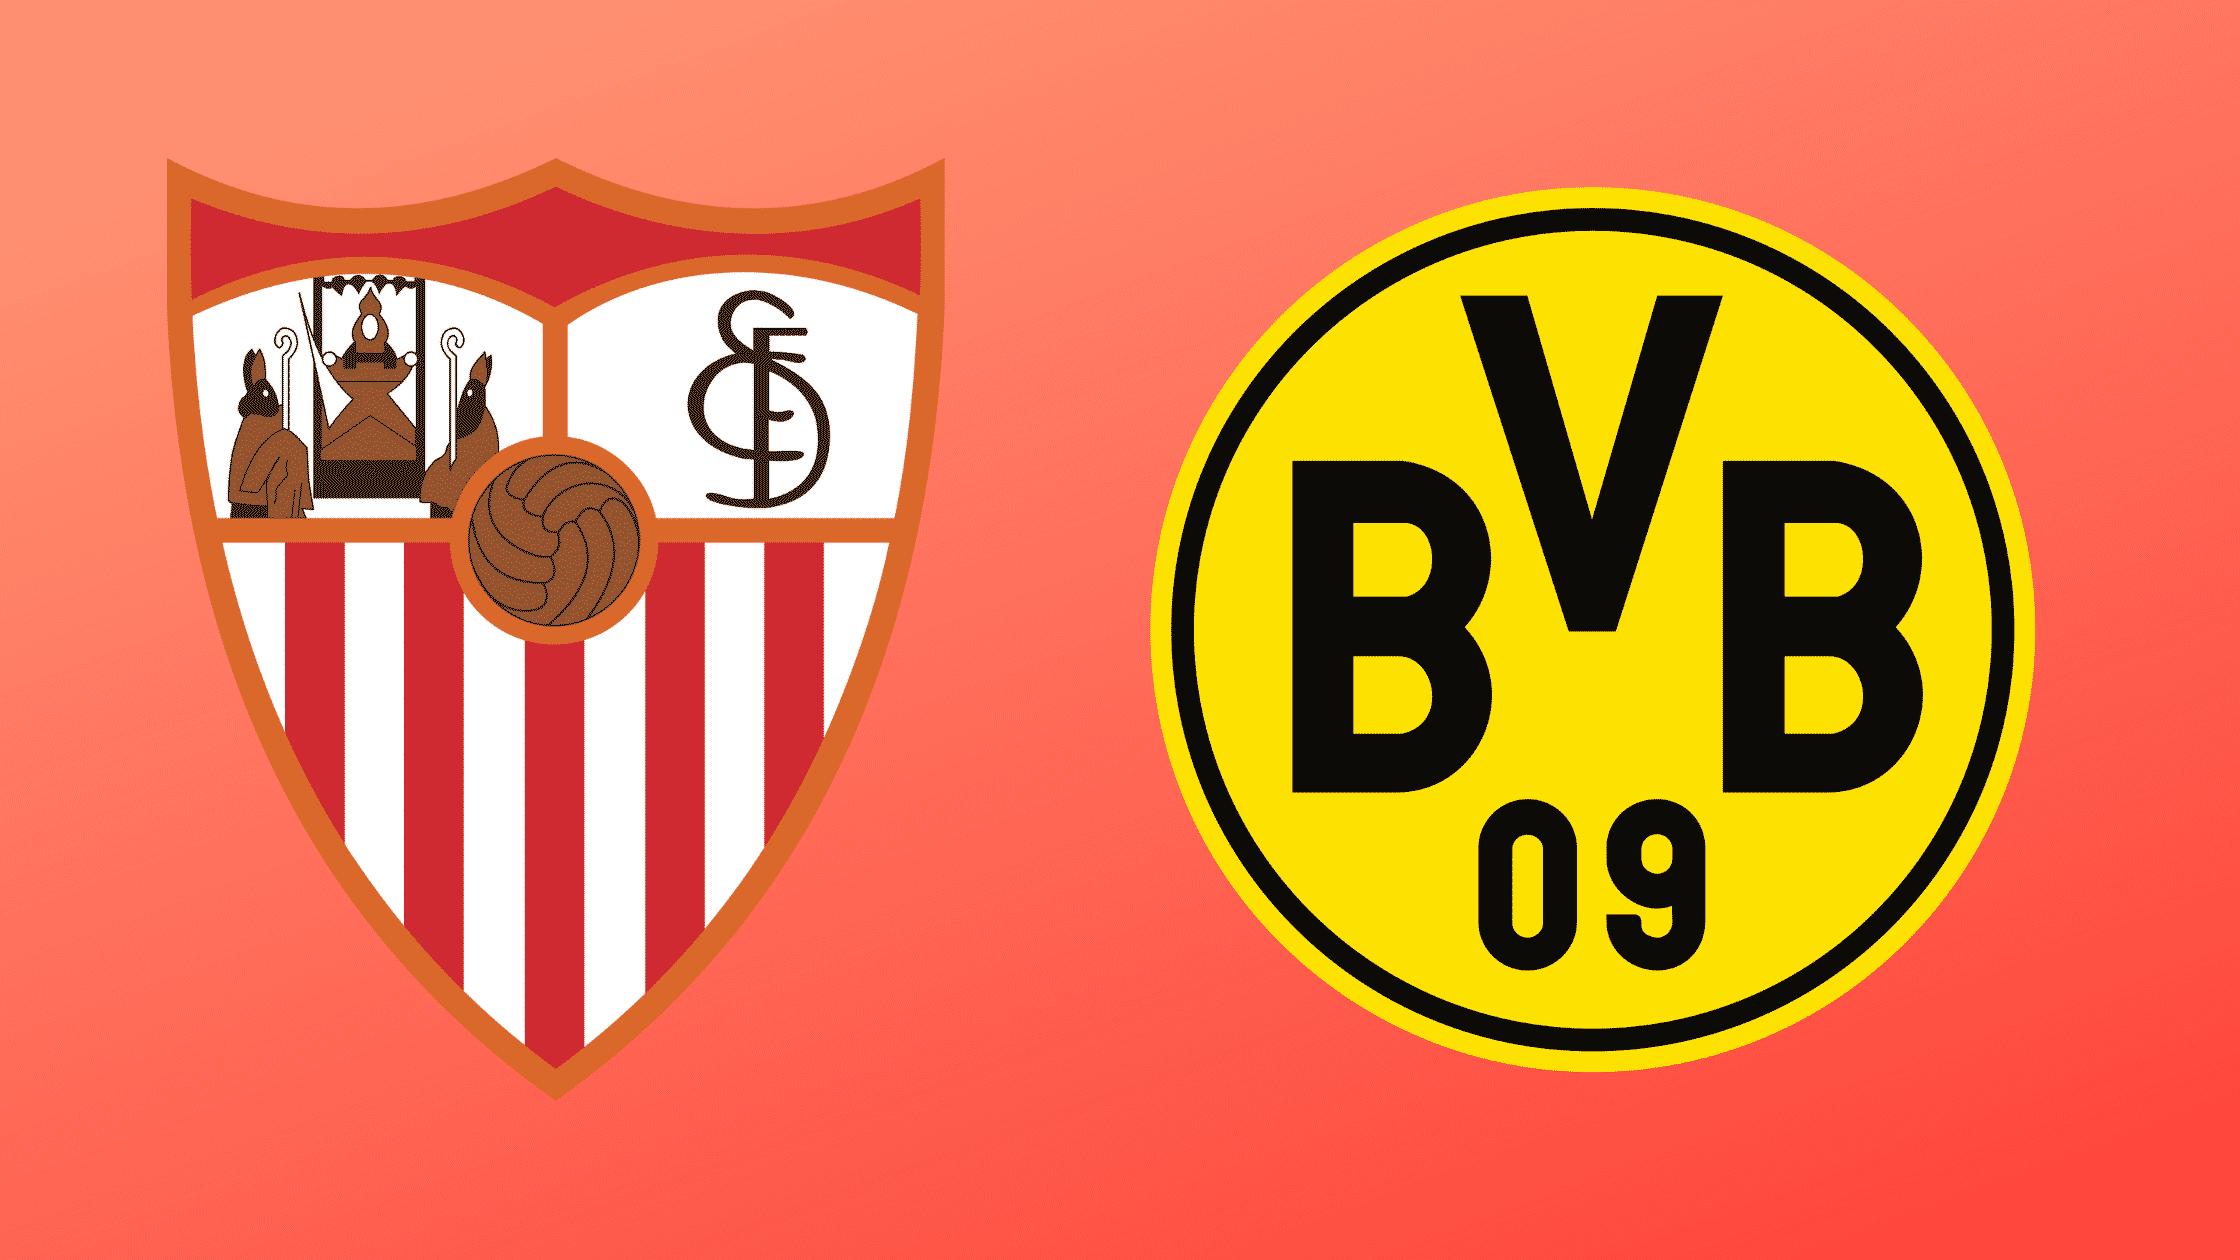 FC Sevilla - Borussia Dortmund / BVB treffen im Champions-League-Achtelfinale 2020/2021 aufeinander: heute, Spiele, Live-Stream, Live-Ticker, TV-Übertragung, Champions-League-Achtelfinale, Konferenz, heute.